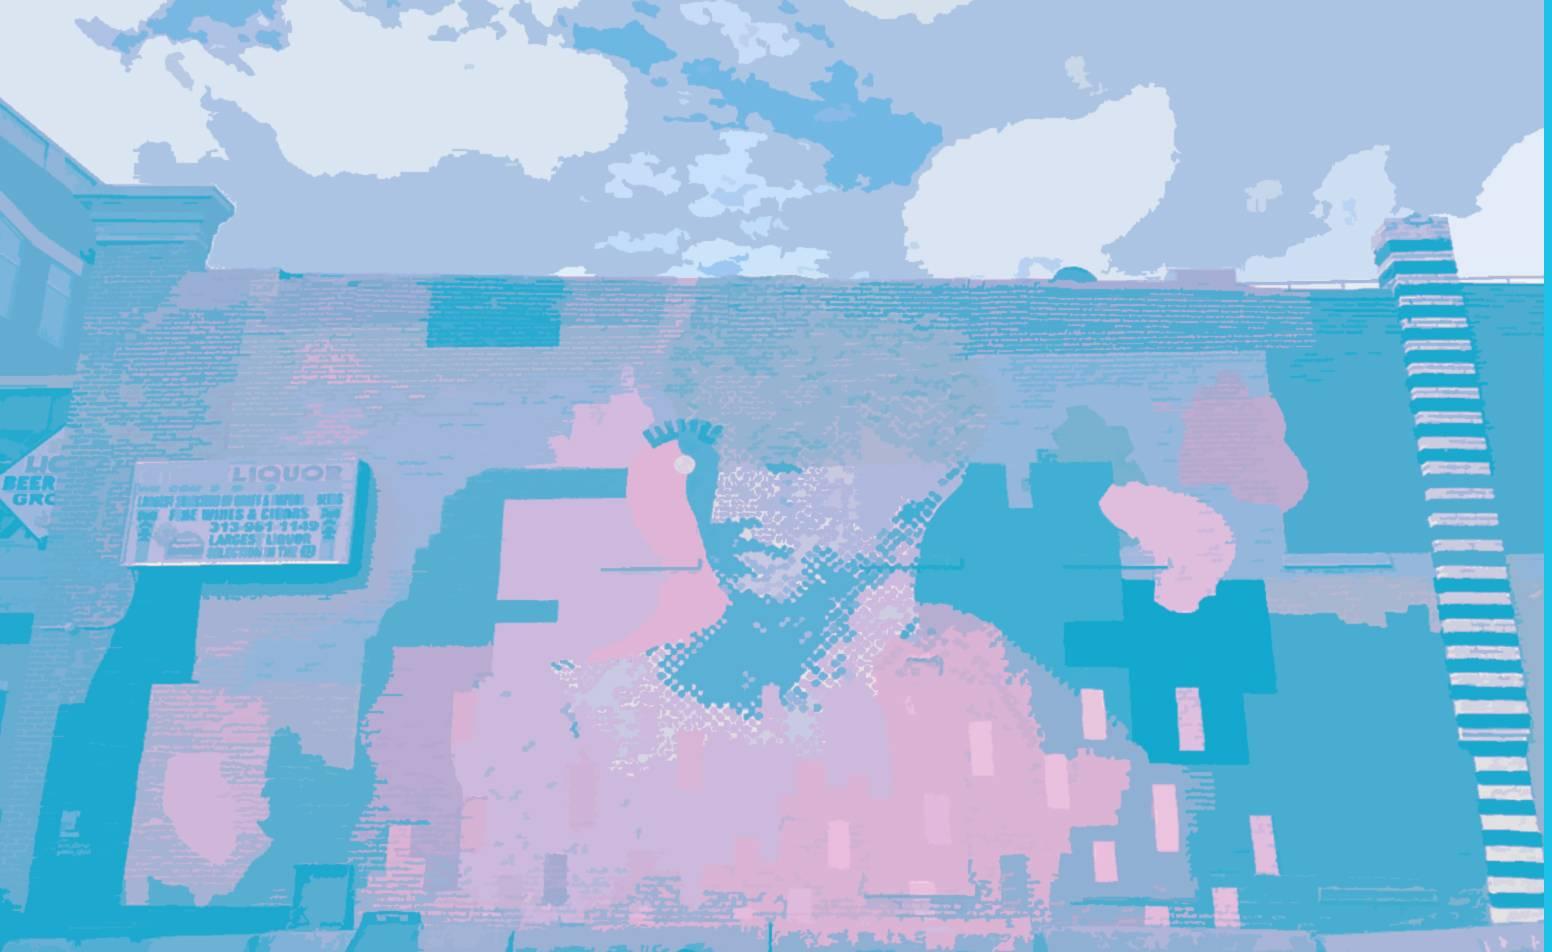 PageLines-website-splash-2tif jpg - Cronus Communications